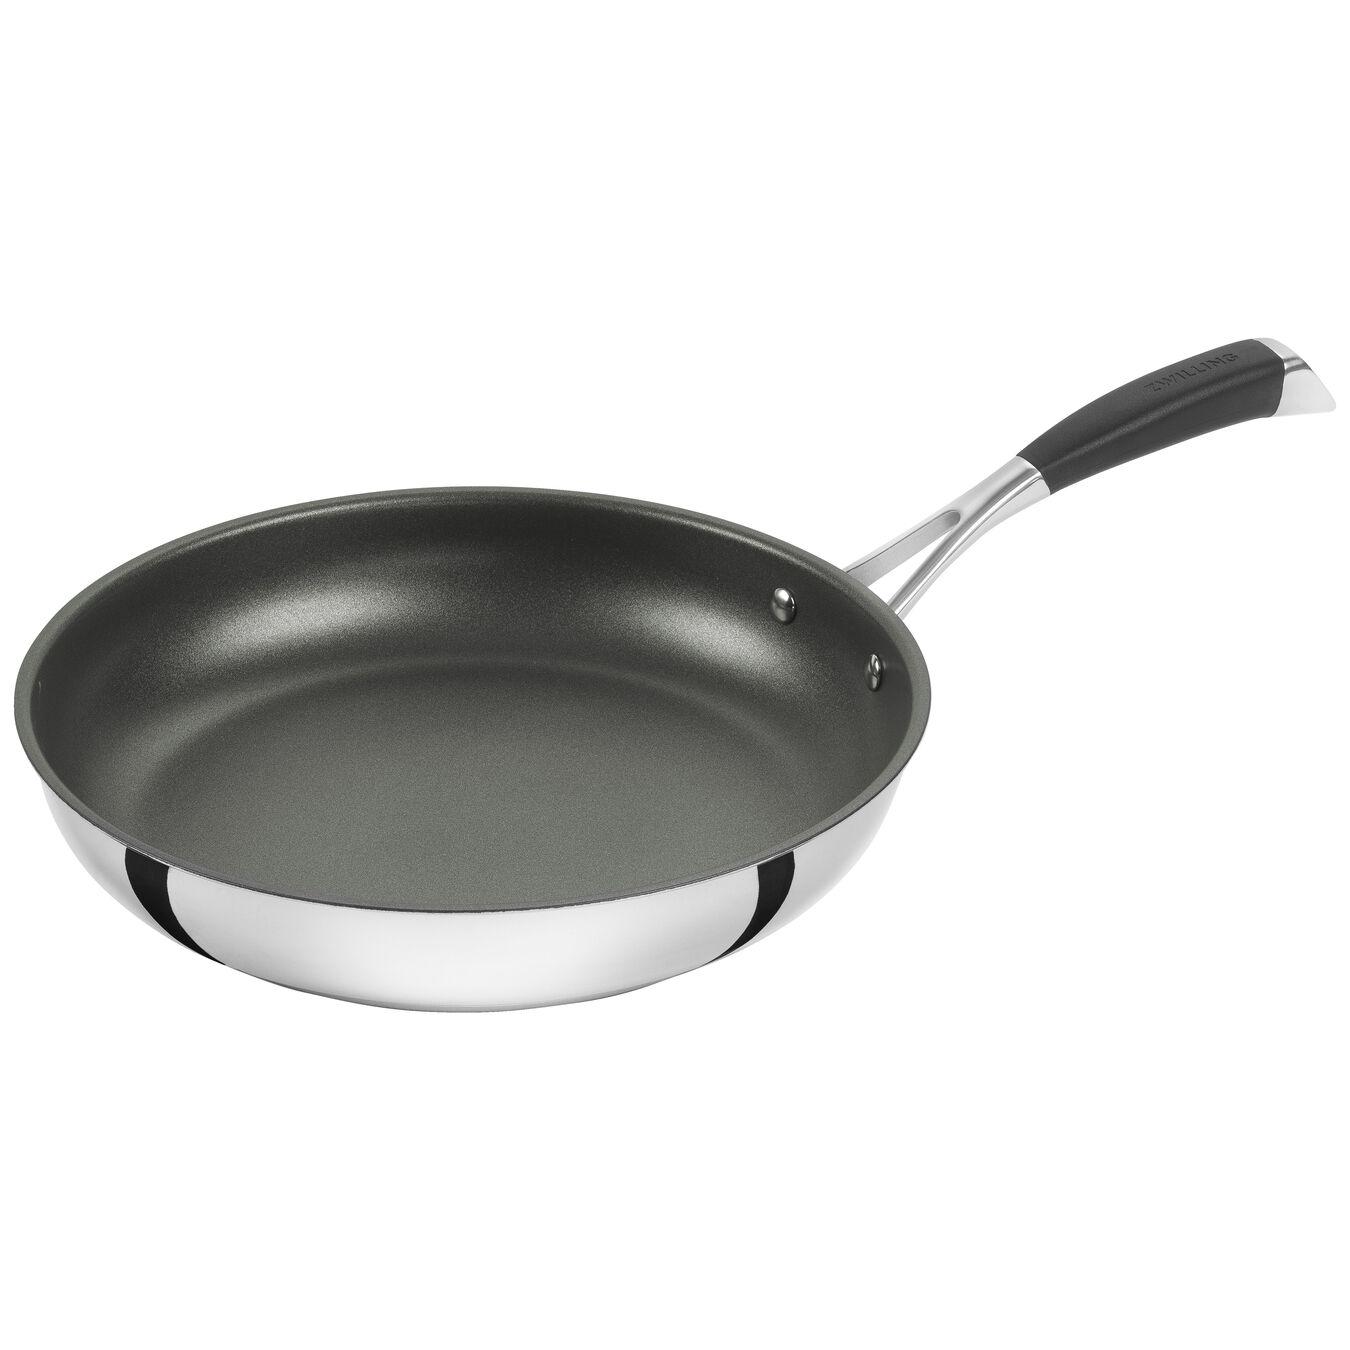 Poêle 28 cm, Acier inoxydable, Noir argenté,,large 1